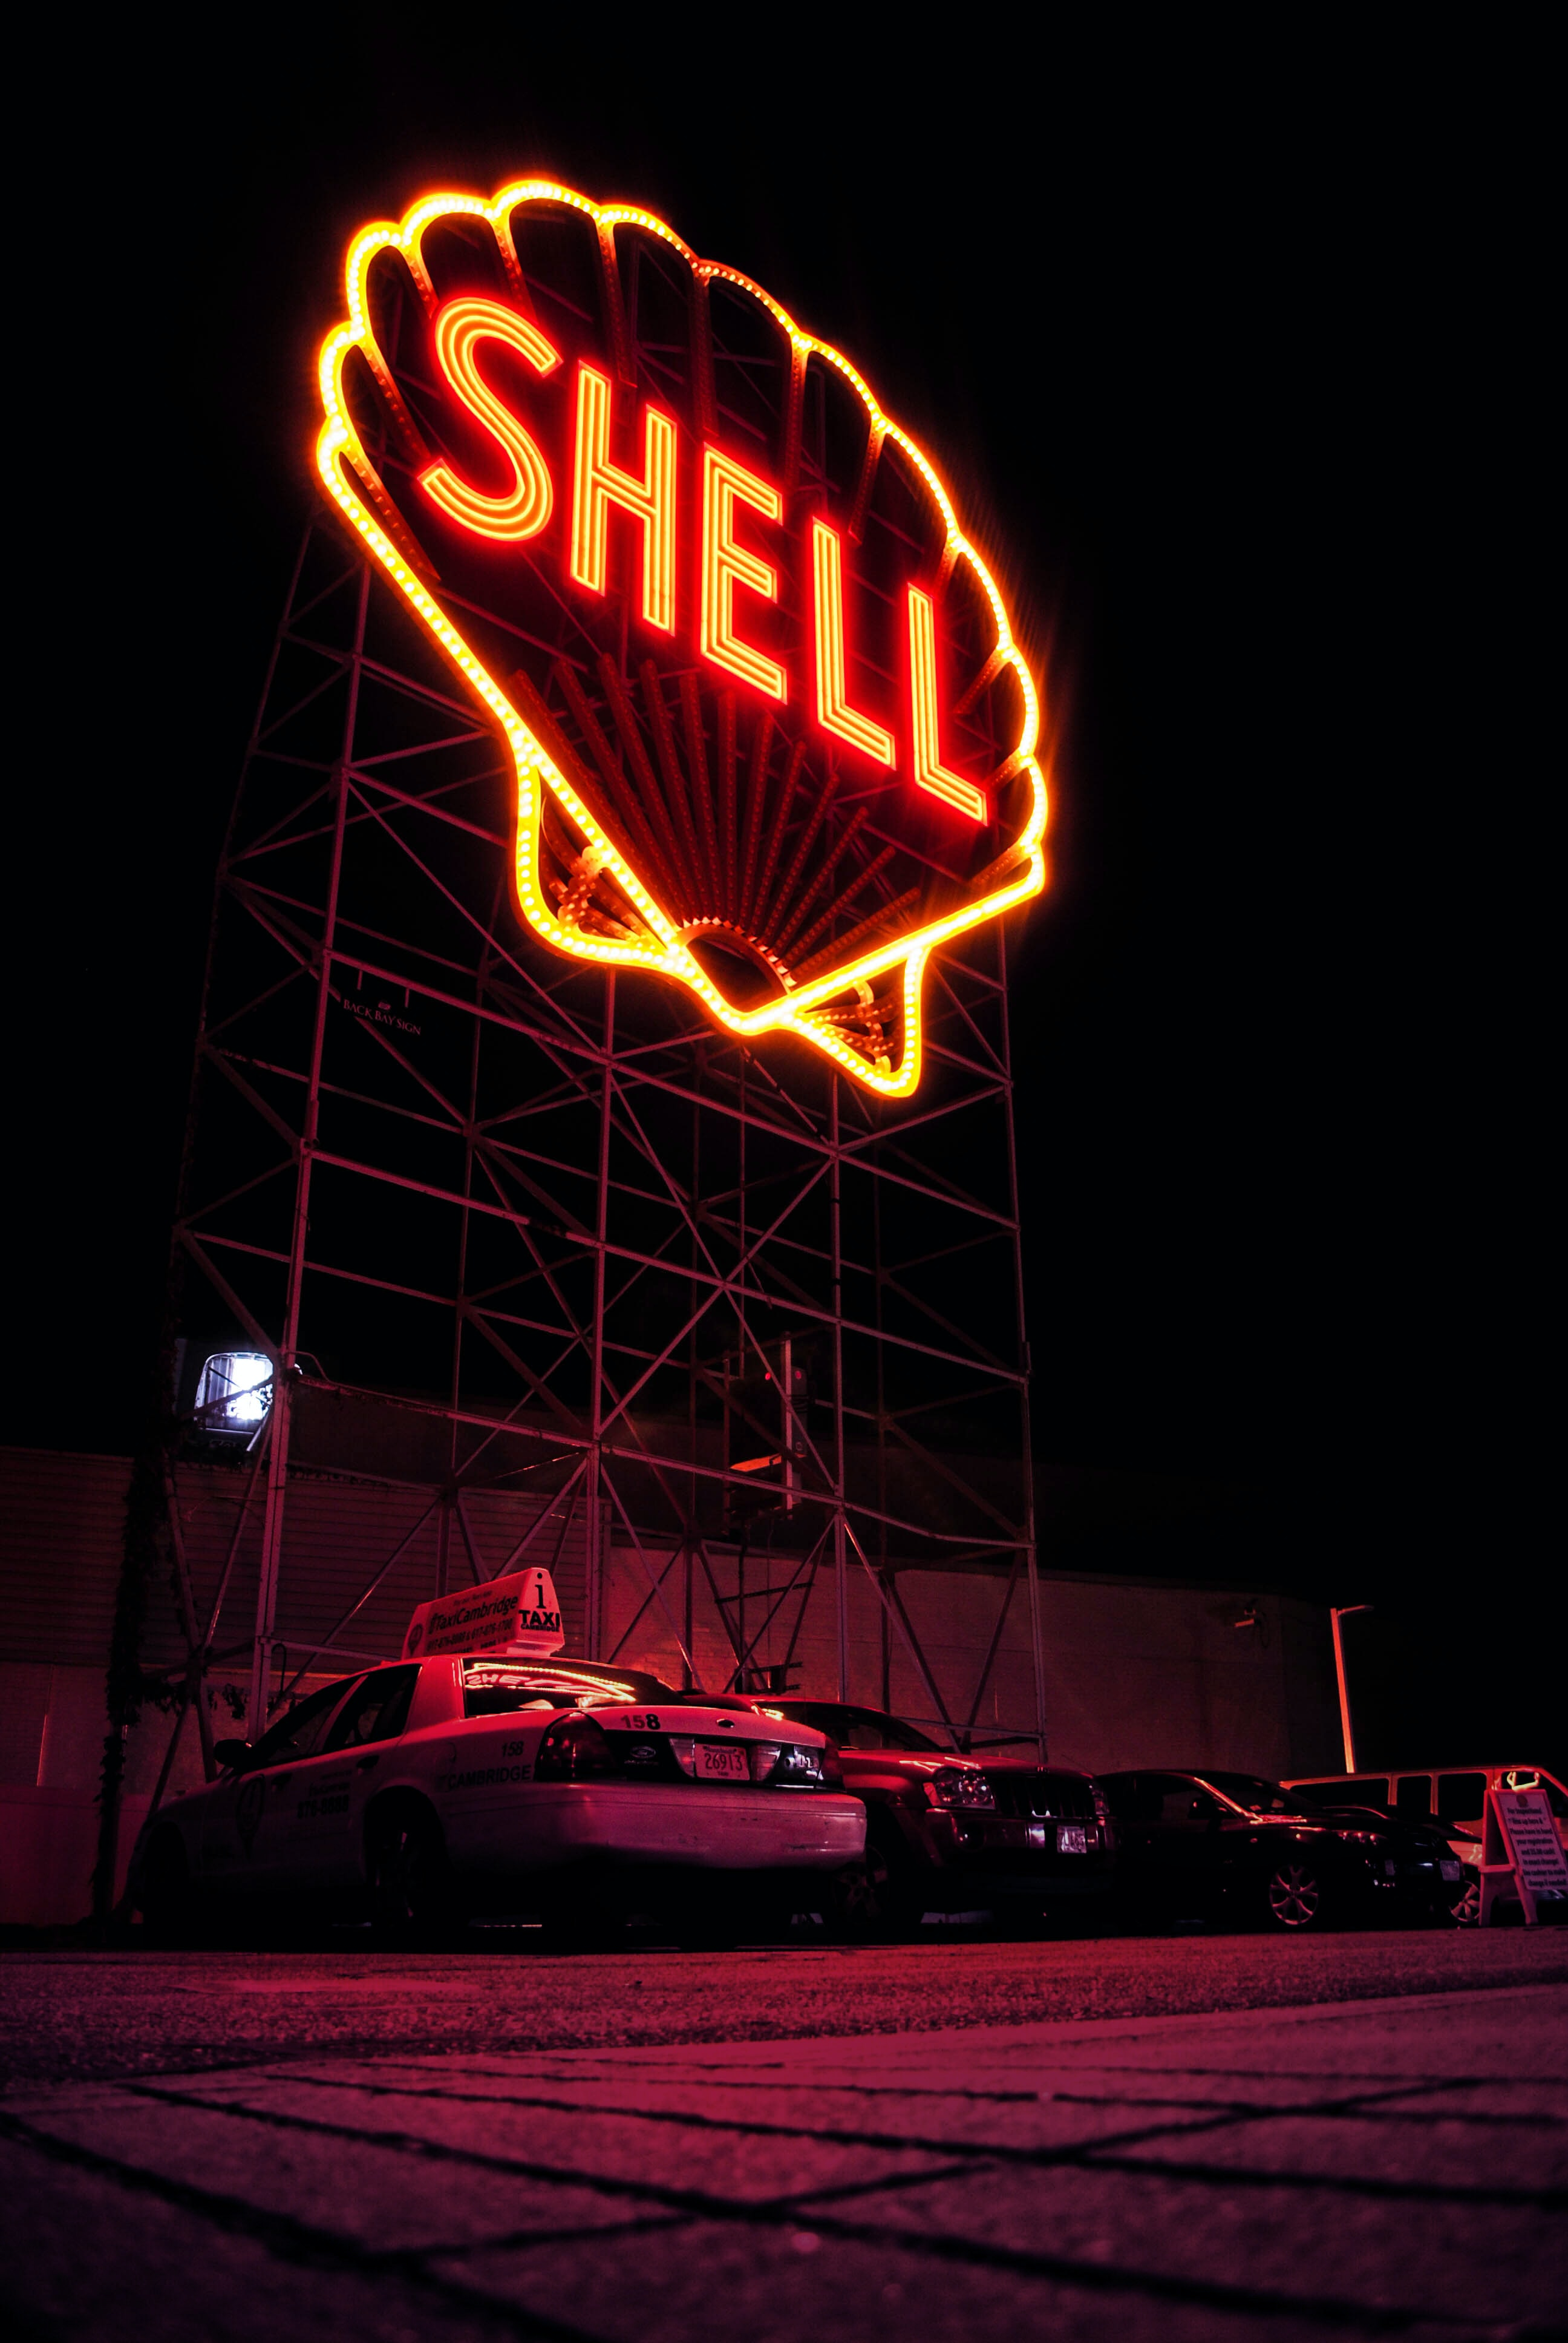 Shell LED signage